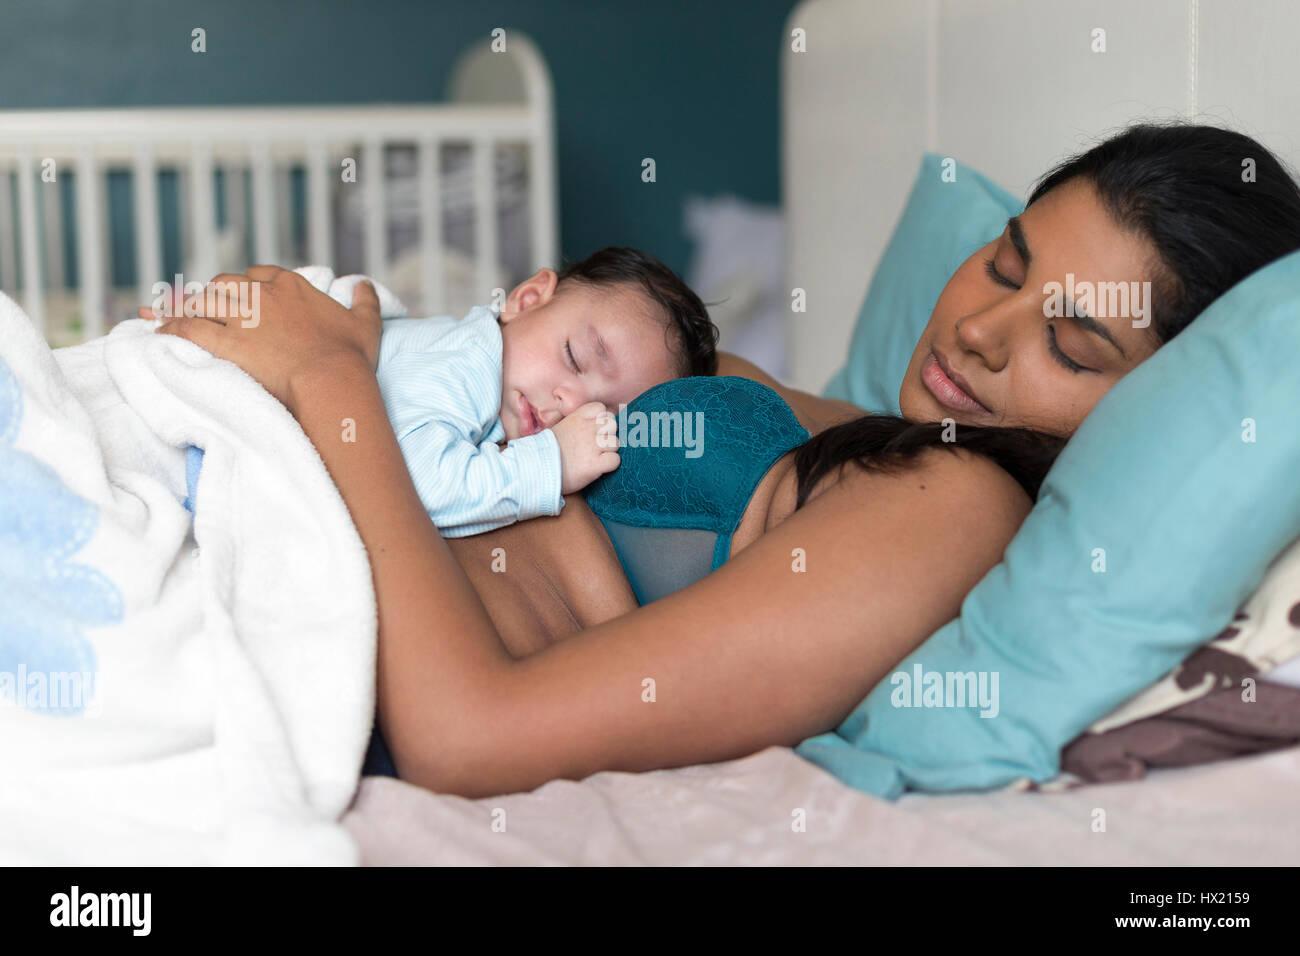 Junge Mutter Mit Ihrem Baby Sohn Schlafen Auf Der Brust Ein